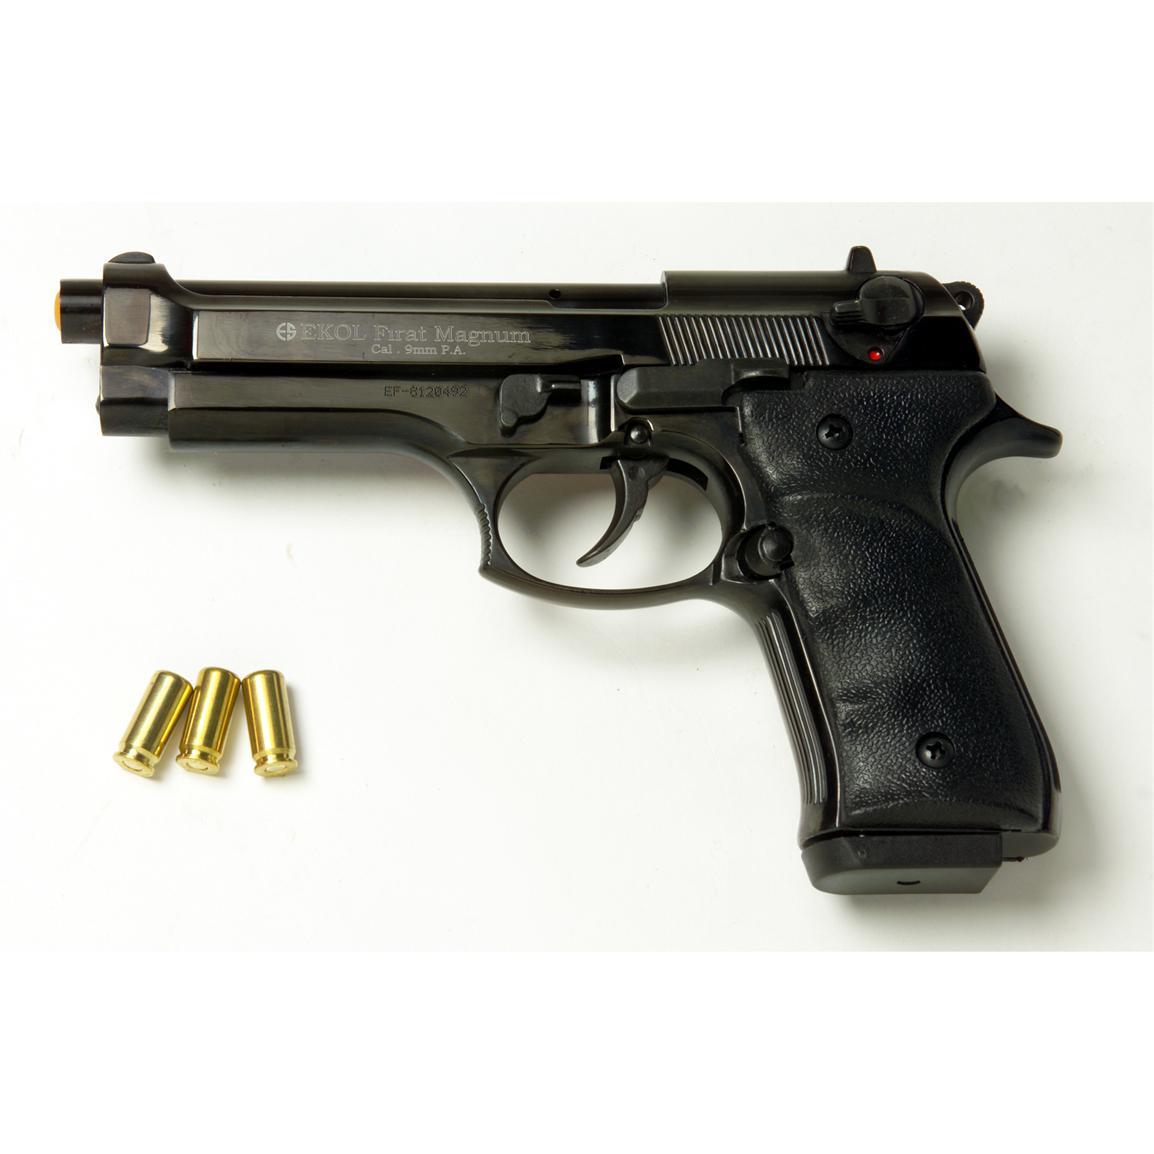 Газов пистолет Ekol Firat Magnum – Gas Alarm Pistol Ekol